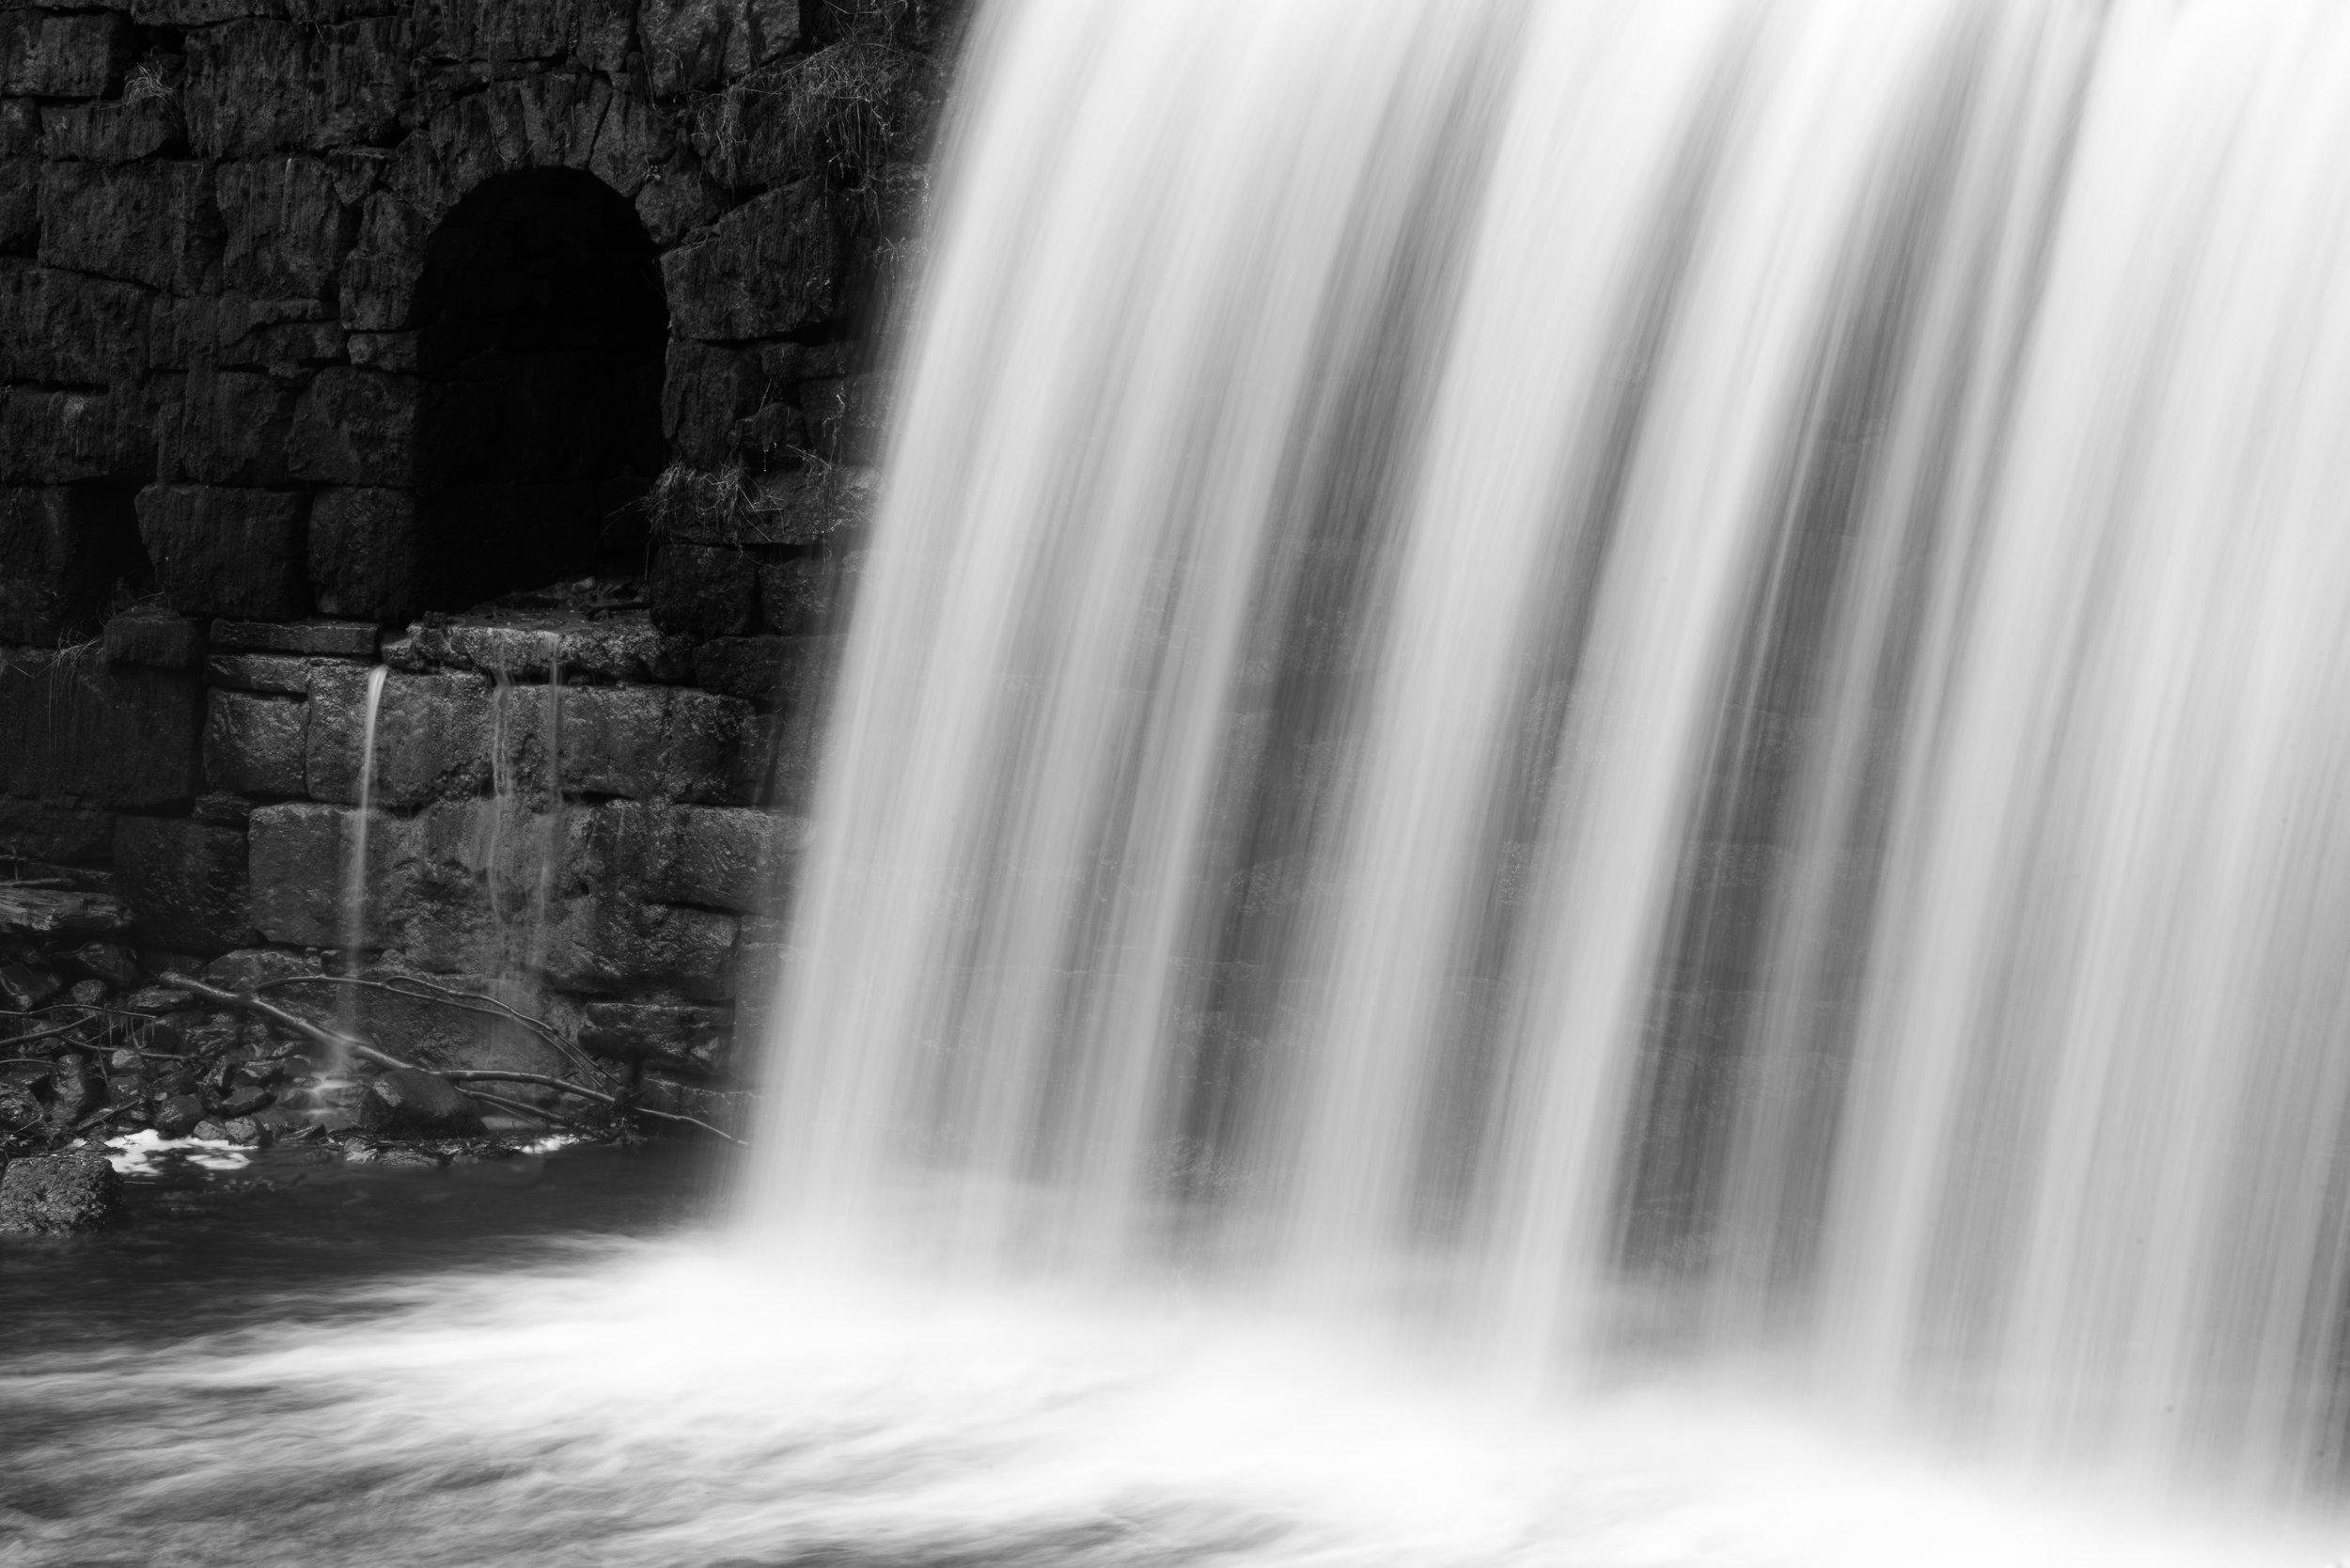 waterfall_stone_dam.jpg